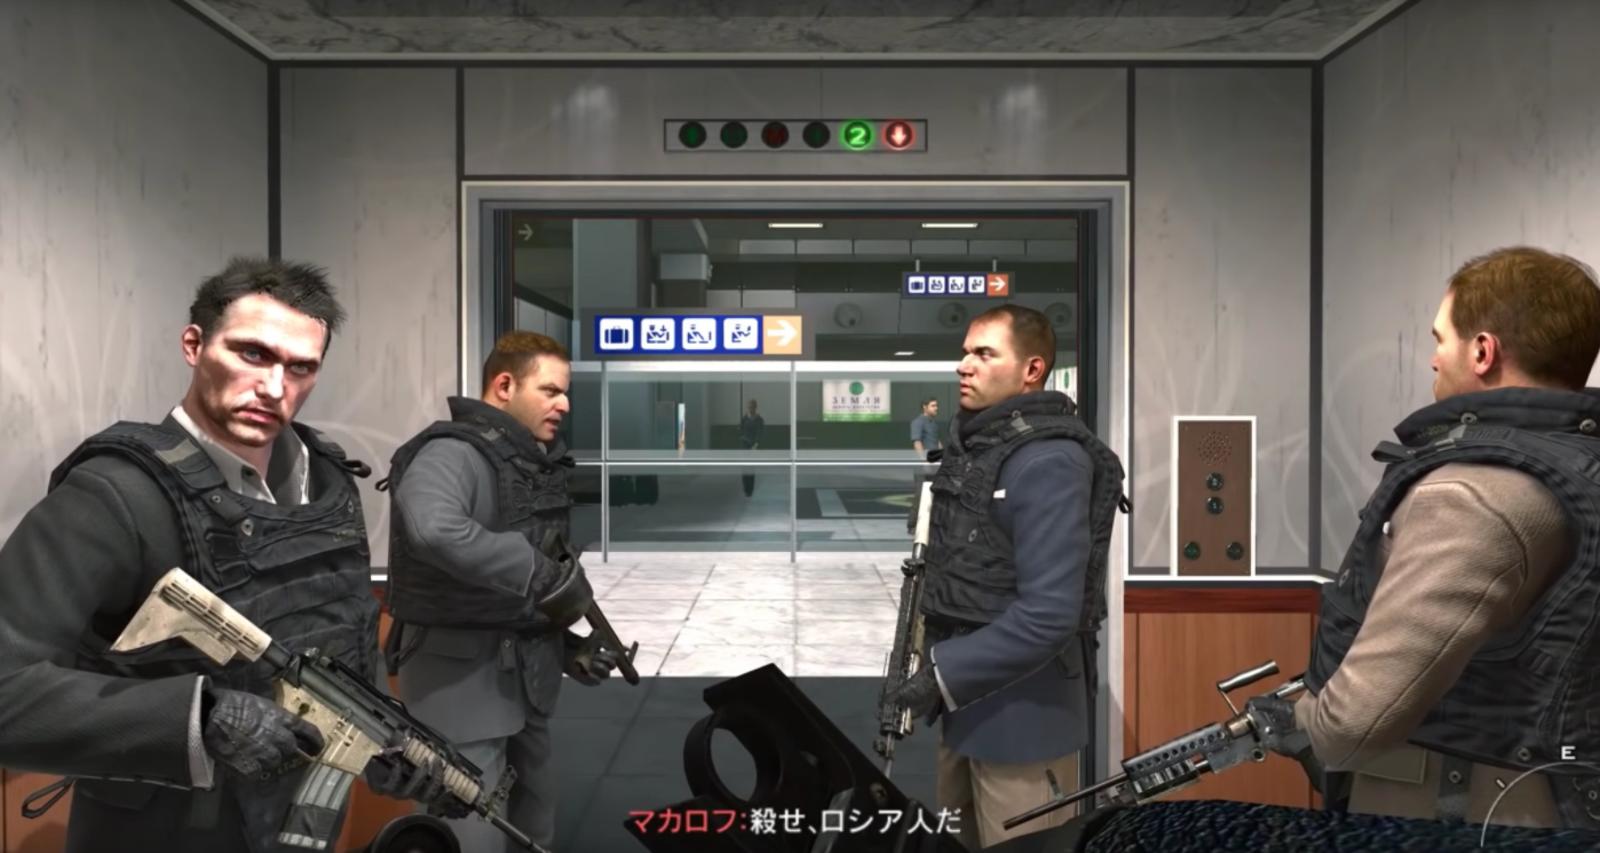 Casi 11 años después, la localización japonesa de Modern Warfare 2 finalmente se soluciona